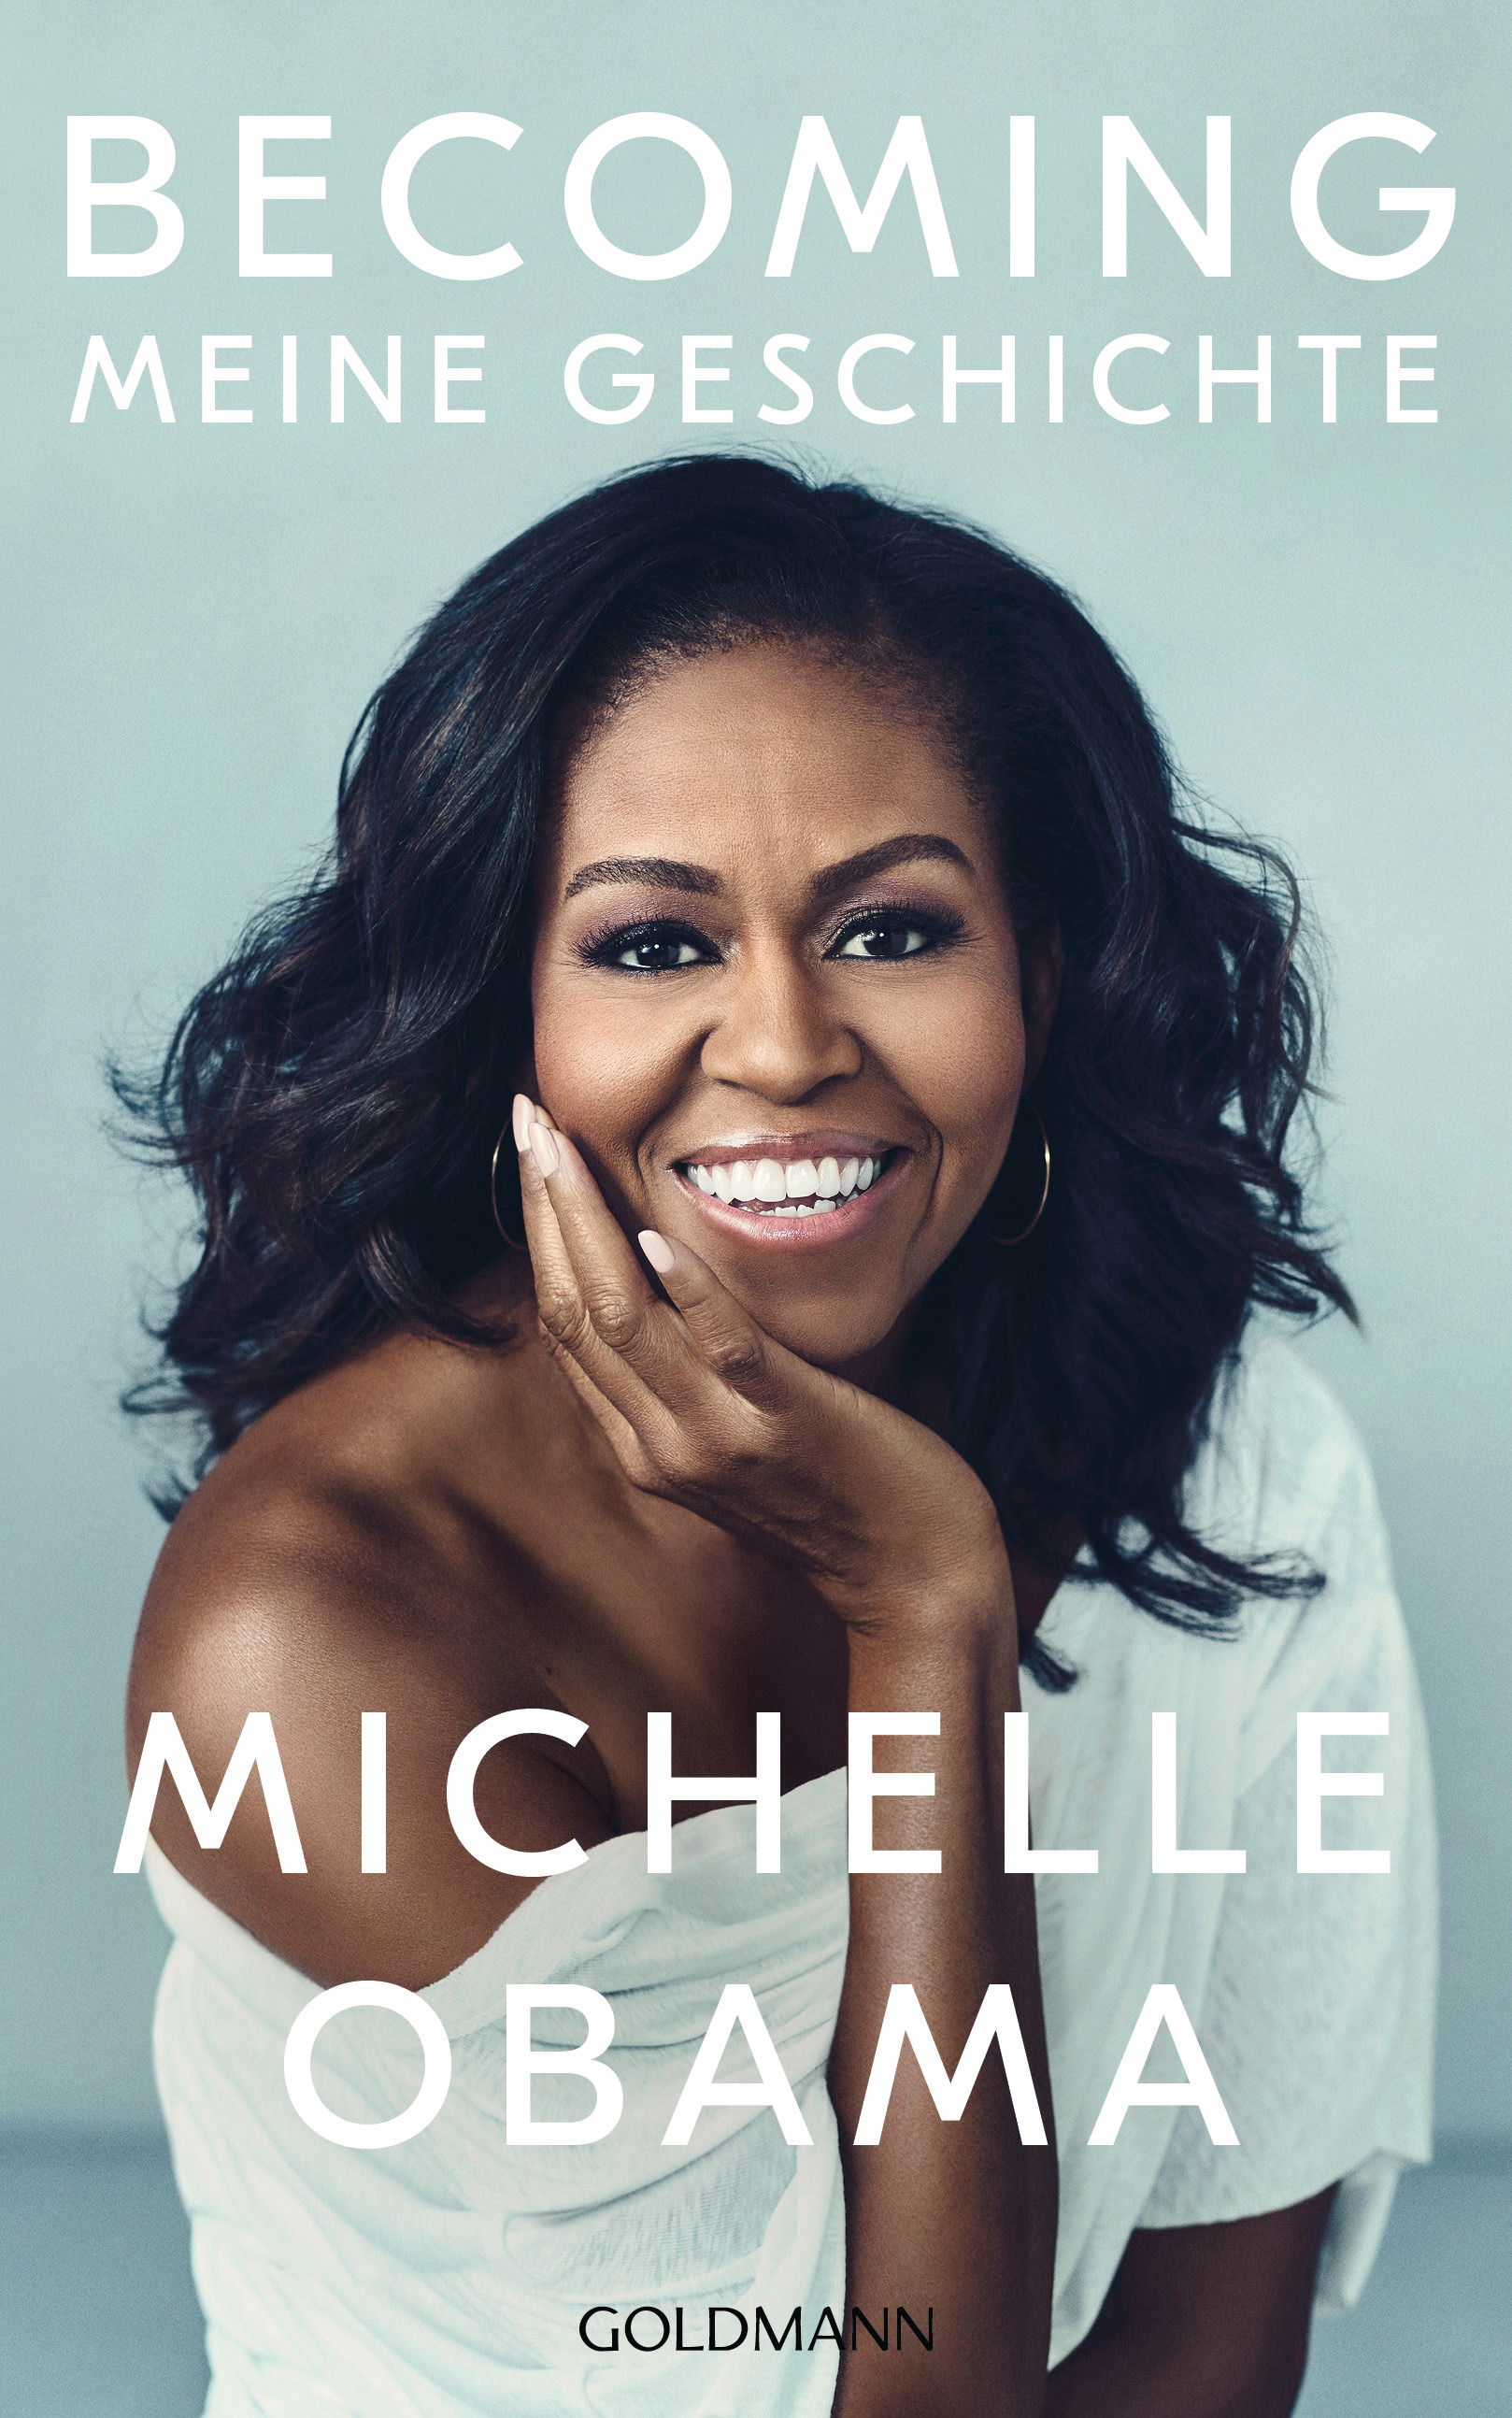 BECOMING von Michelle Obama, übersetzt von Andrea O'Brien, Jan Schönherr, H. Fricke, T. Handels, H. Zeltner und E. Link